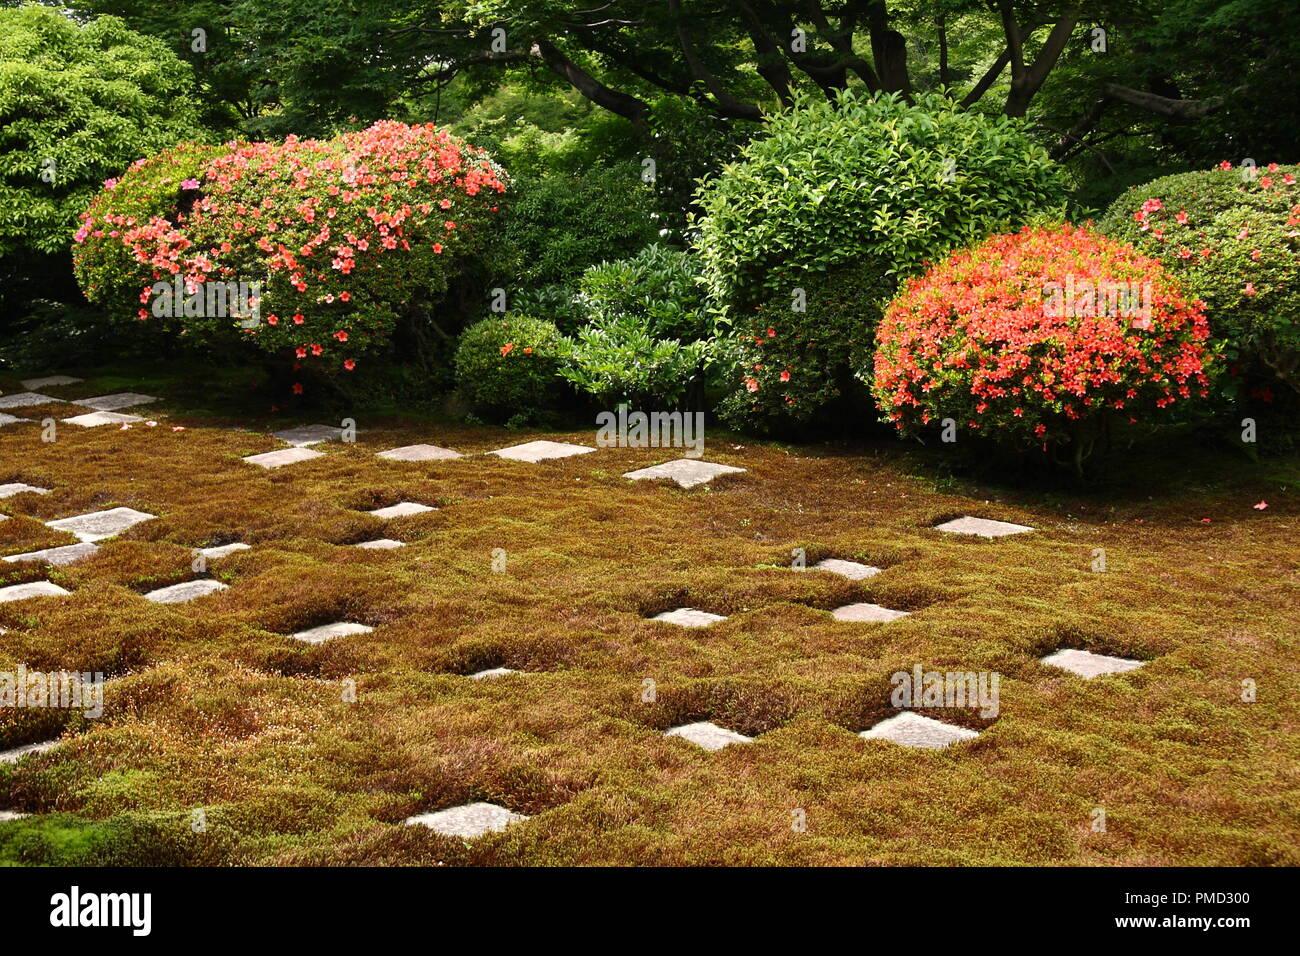 Garden Chess Stock Photos & Garden Chess Stock Images - Alamy